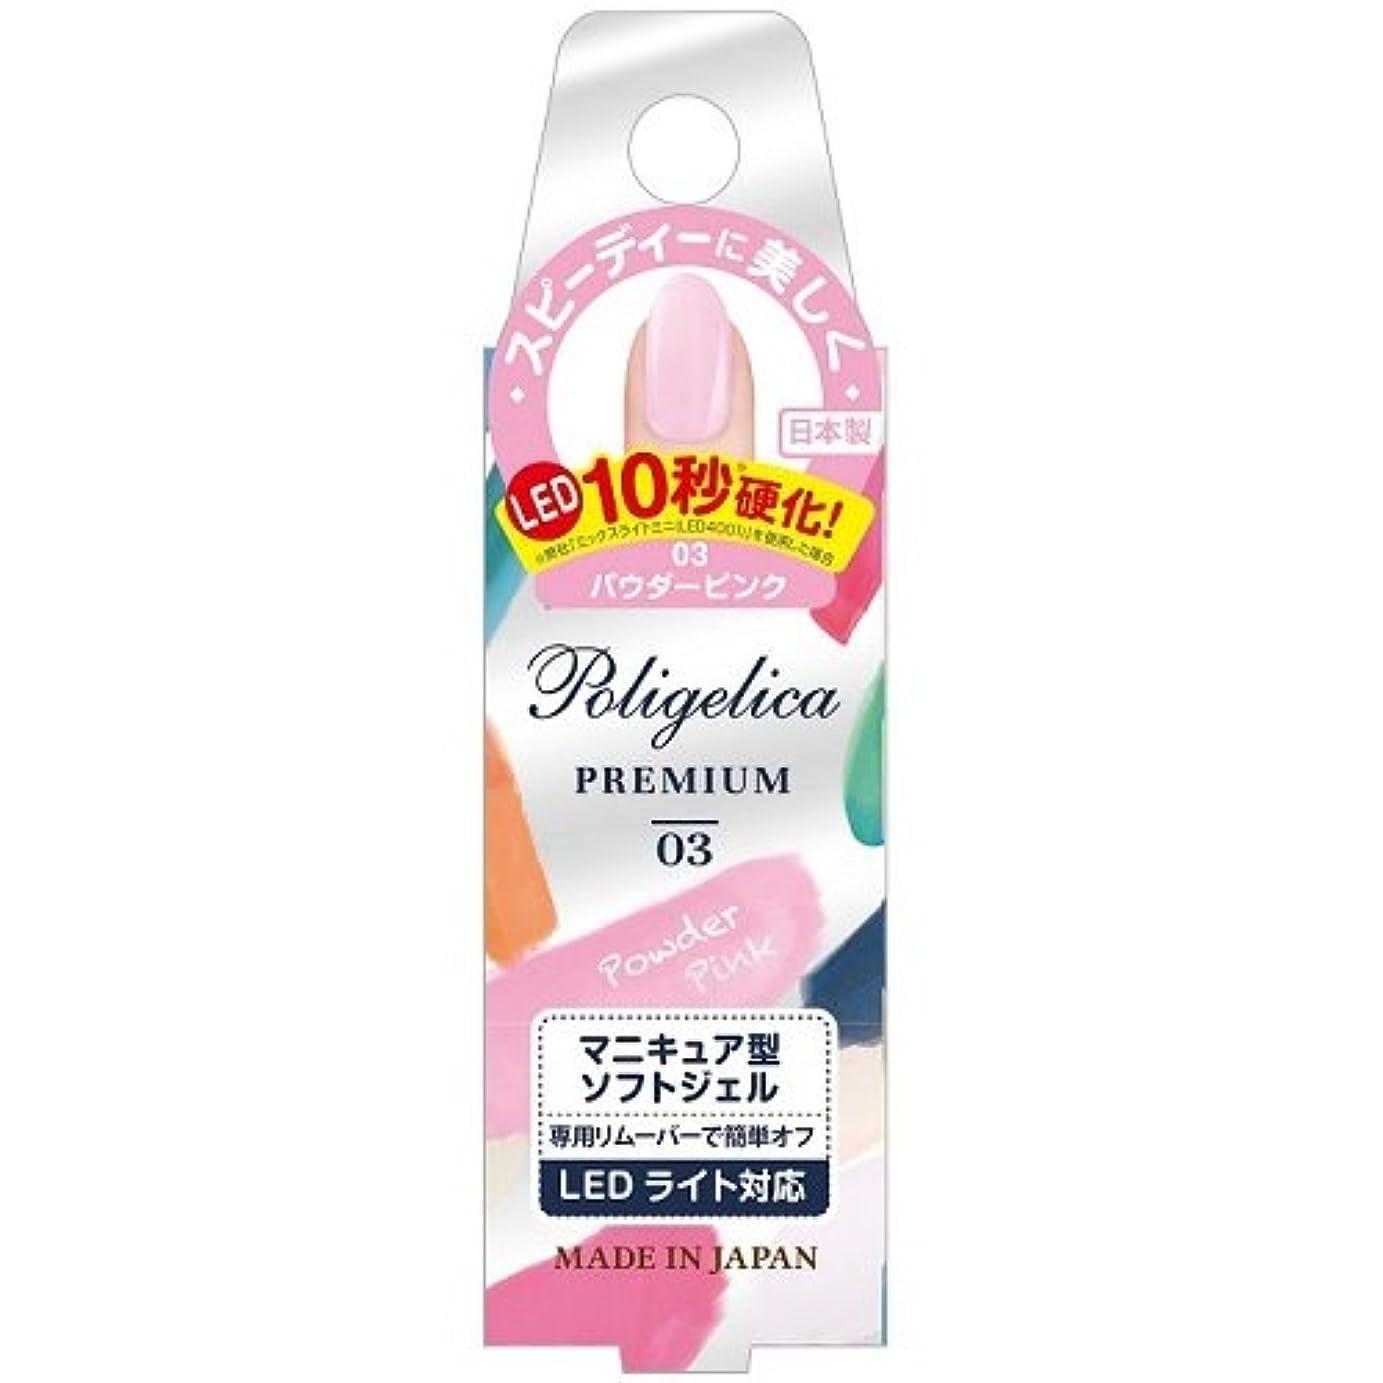 ストラップ欠陥知覚的BW ポリジェリカプレミアム カラージェル 1003/パウダーピンク (6g)